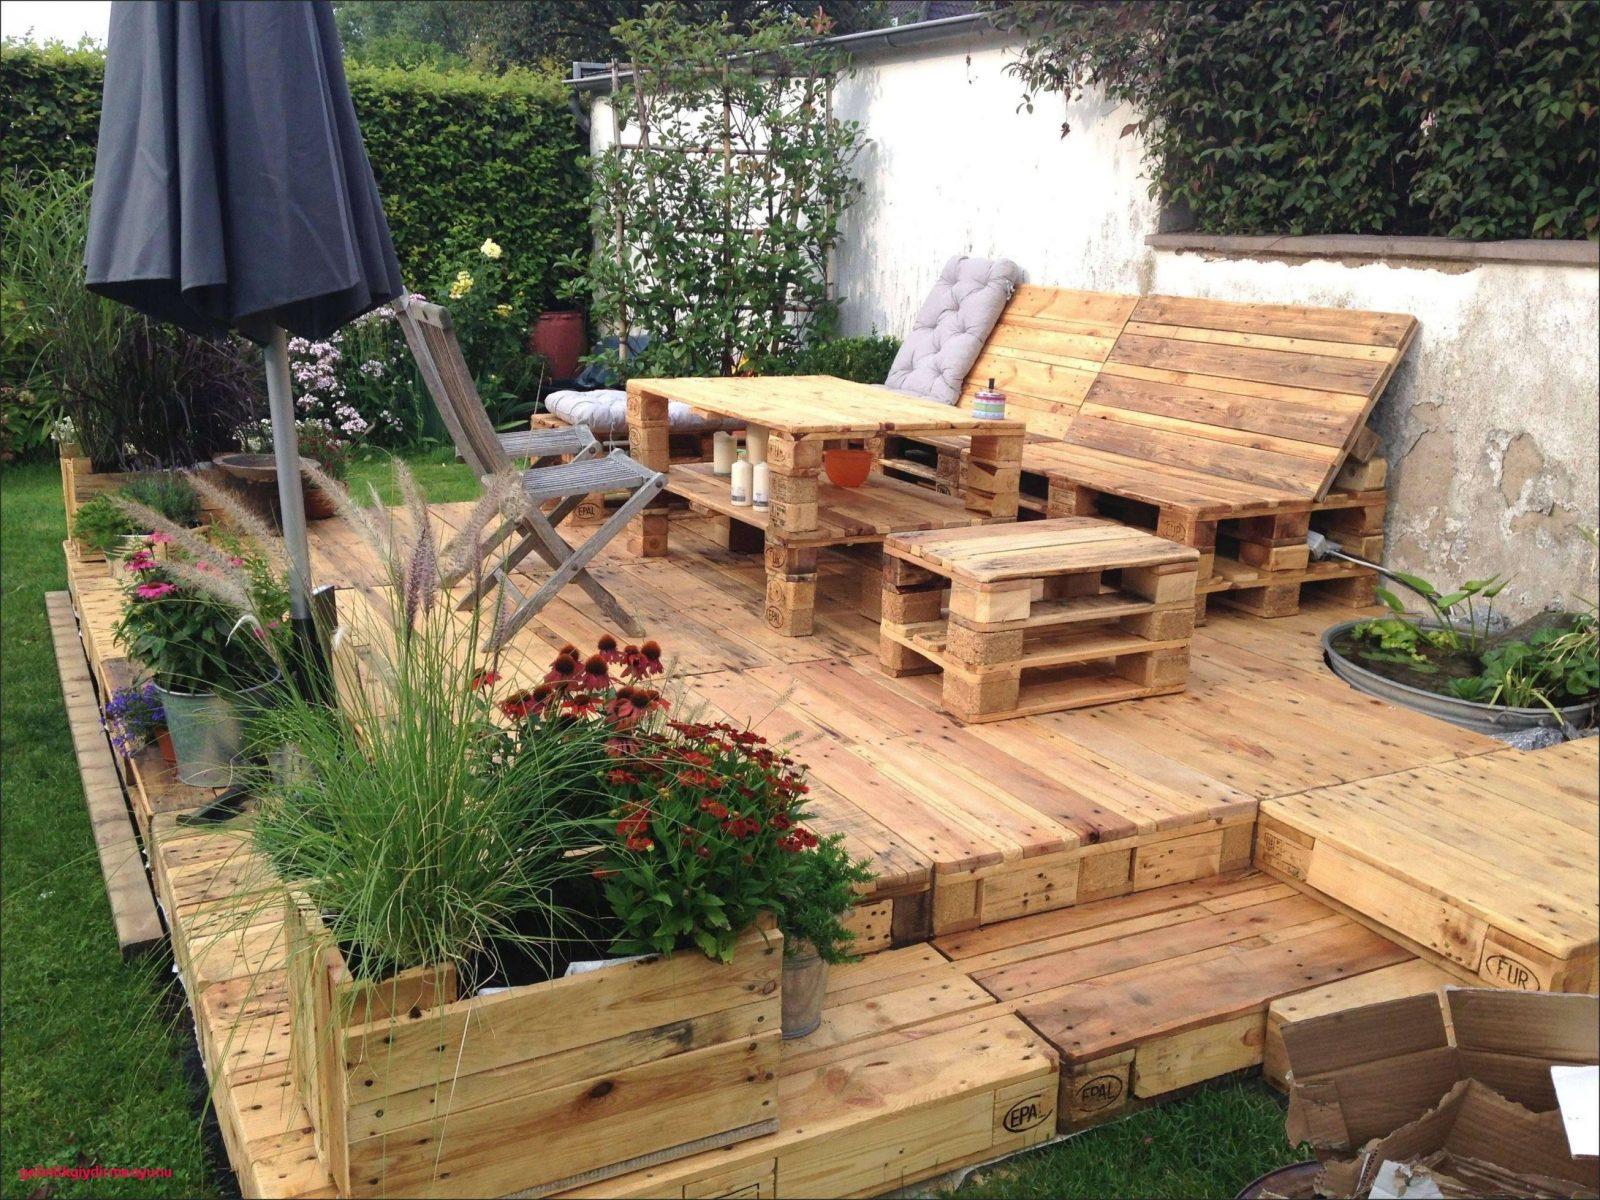 Garten Ideen Günstig Genial Am Meisten Stilvoll Plus Atemberaubend von Atemberaubende Ideen Für Den Garten Photo